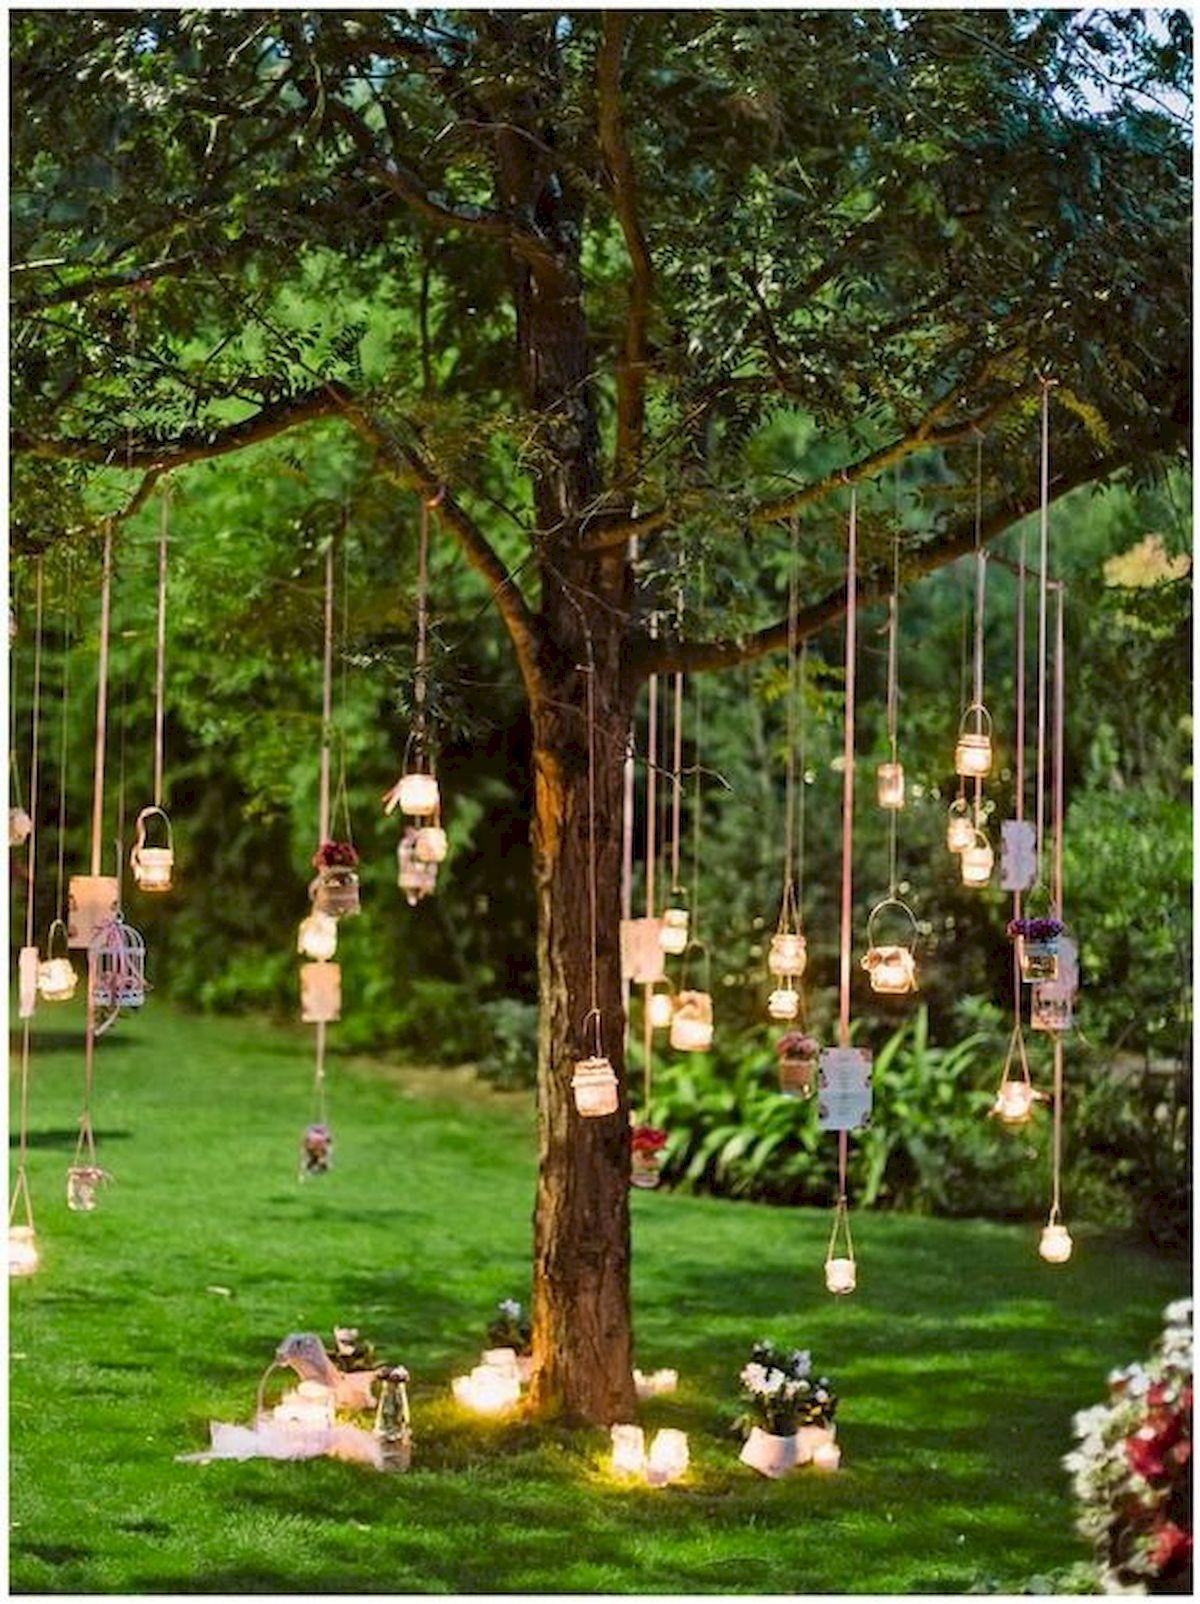 Cool 60 Inspiring Outdoor Summer Party Decorations Ideas Https Coachdecor Com 60 Inspiring Outdoor Summer Shabby Chic Hochzeit Garten Planen Hochzeit Garten